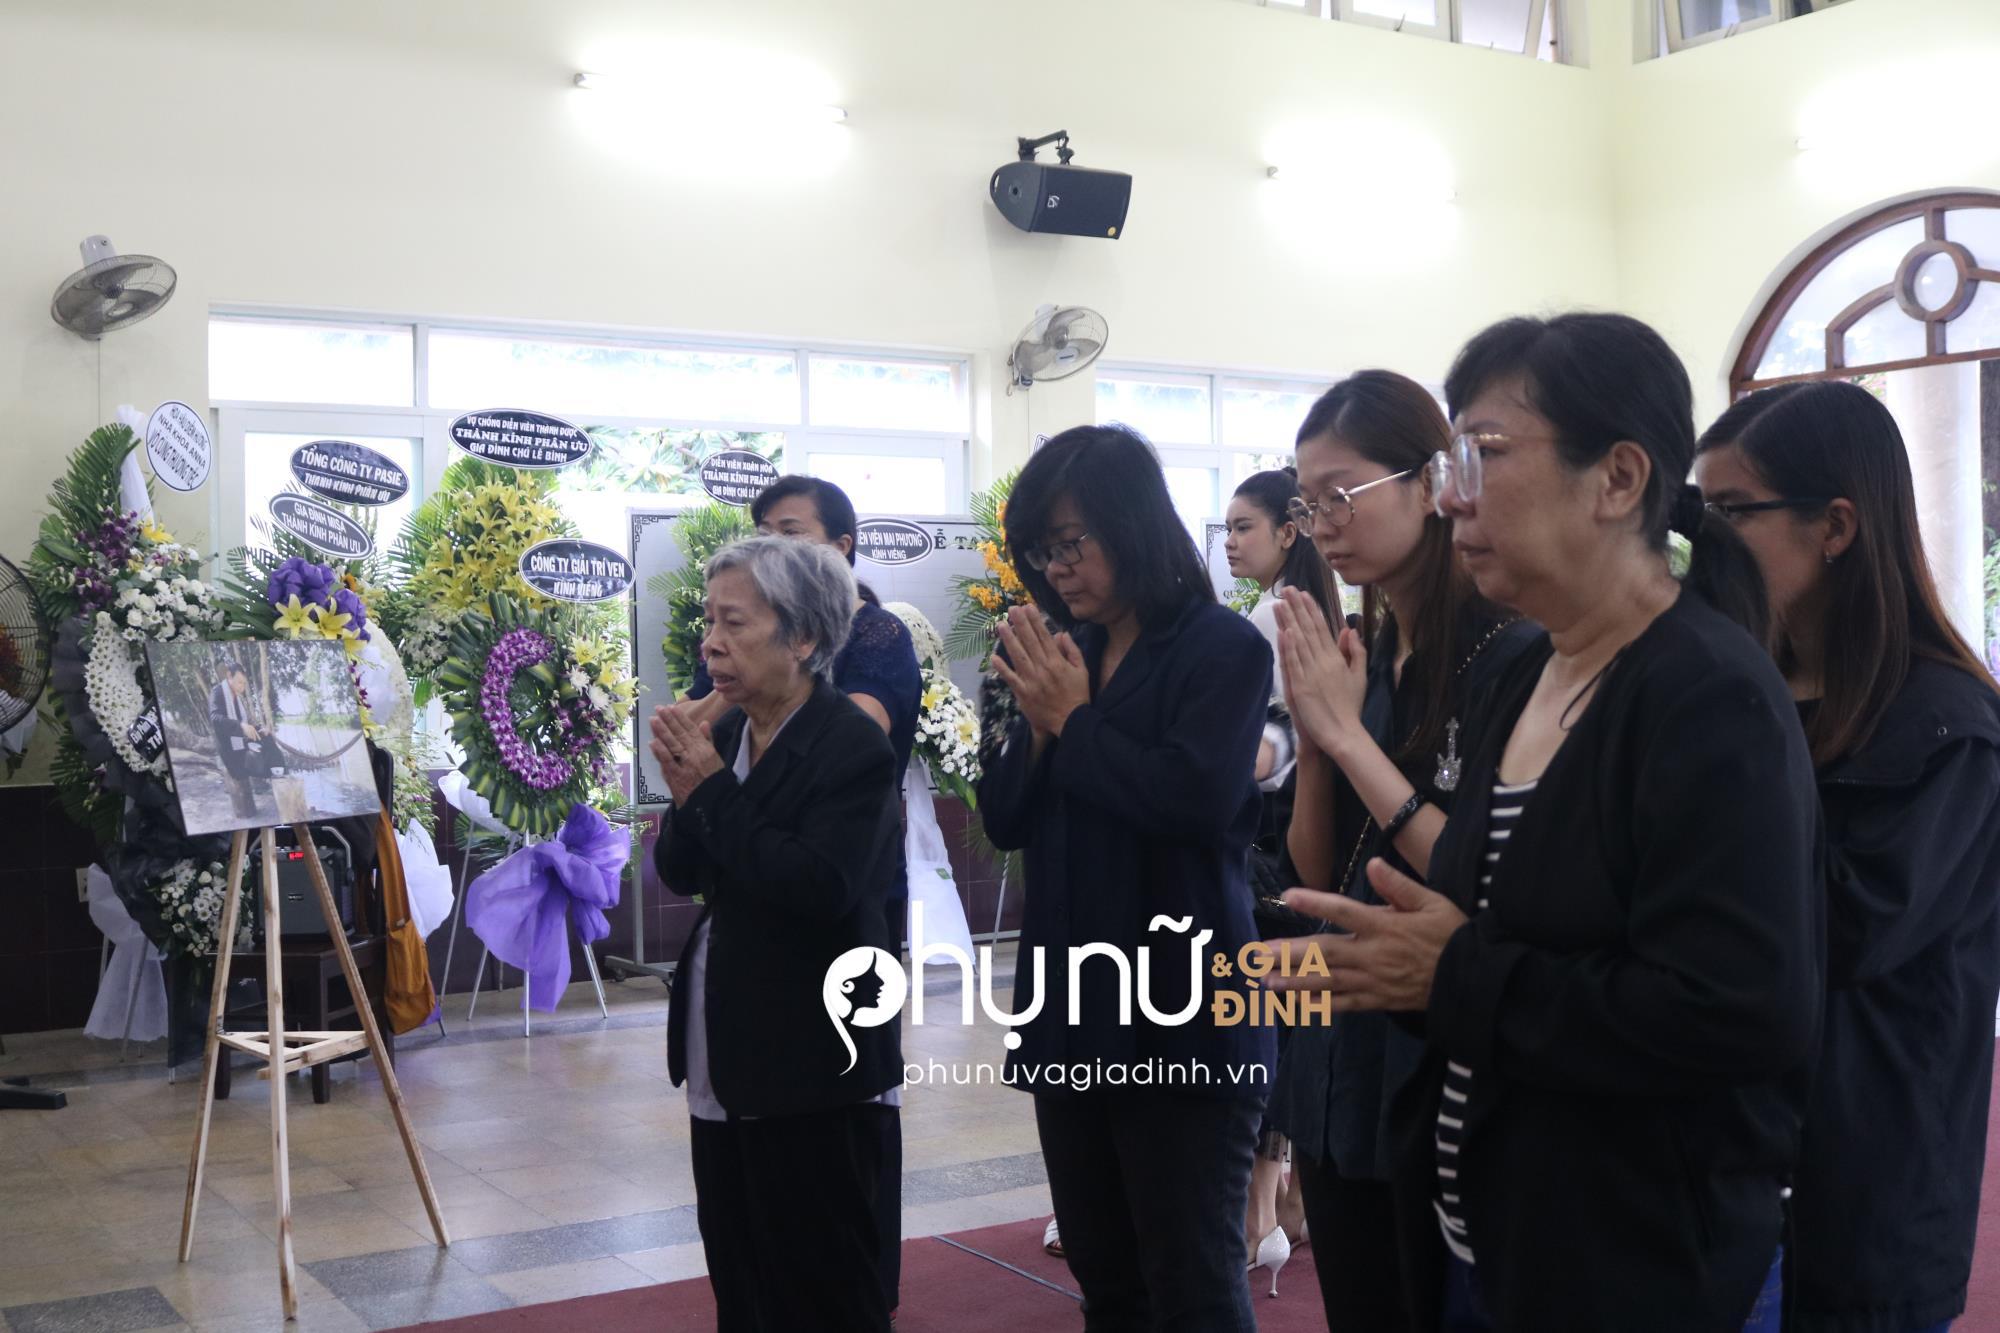 Viếng 'tía' Lê Bình, Dương Cẩm Lynh nấc nghẹn khi nhìn mặt ông lần cuối - Ảnh 7